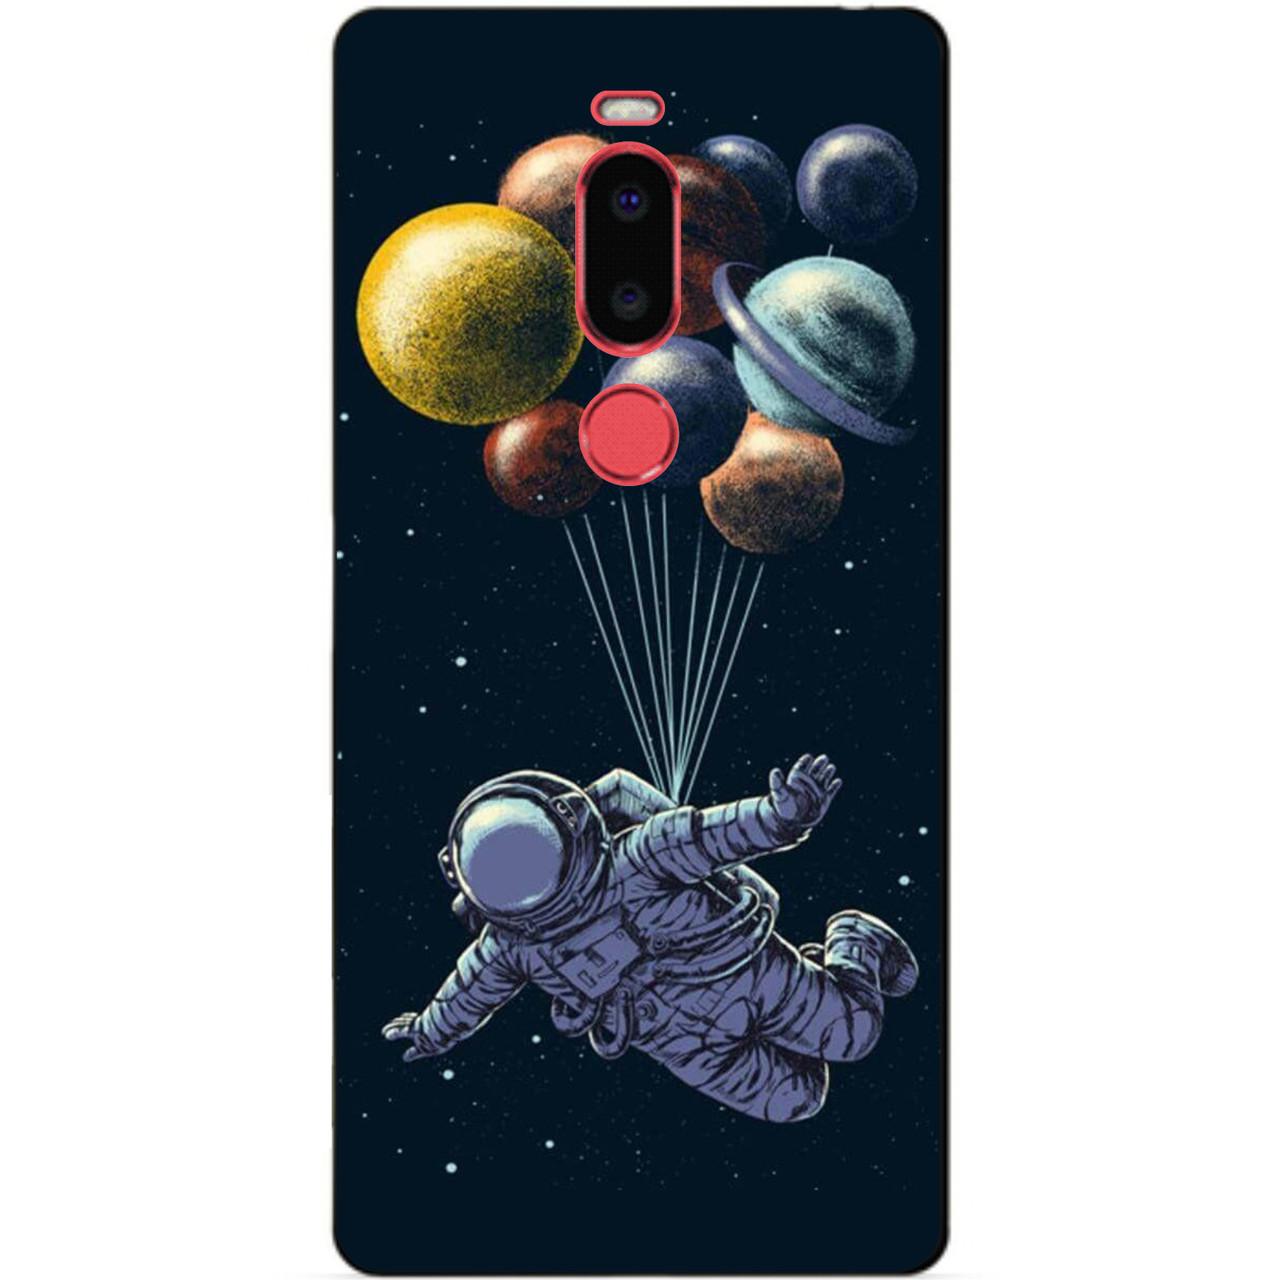 Чехол силиконовый для Meizu M8 с рисунком Космонавт